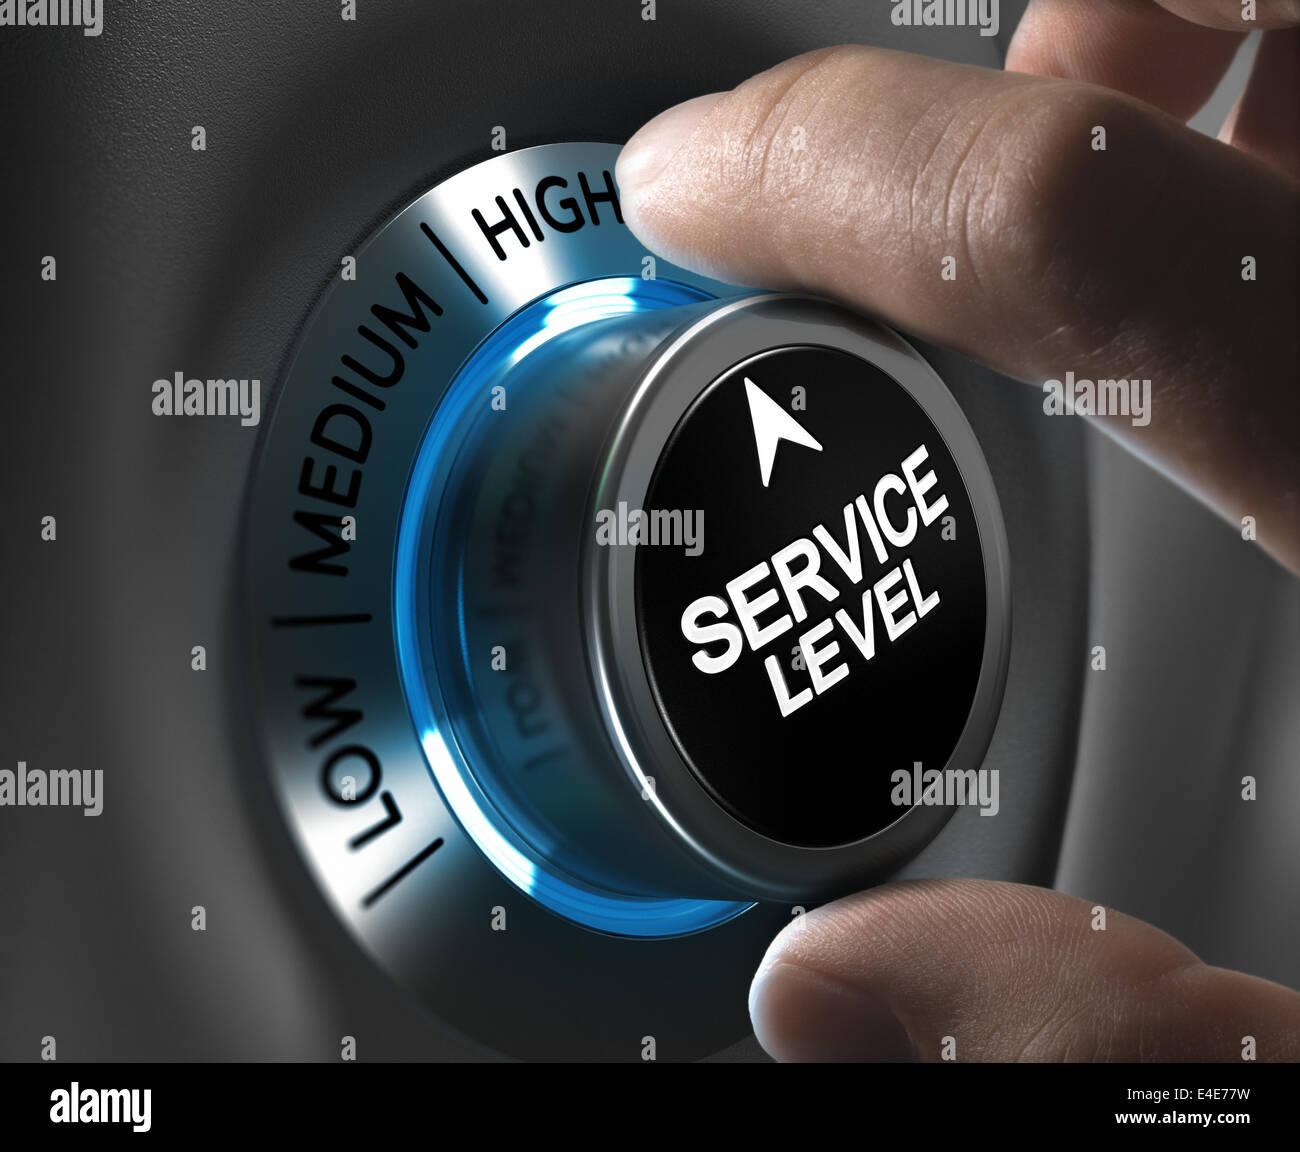 Pulsante livello di servizio indicando la posizione alta con effetto di sfocatura plus blu e i toni di grigio. immagine Immagini Stock